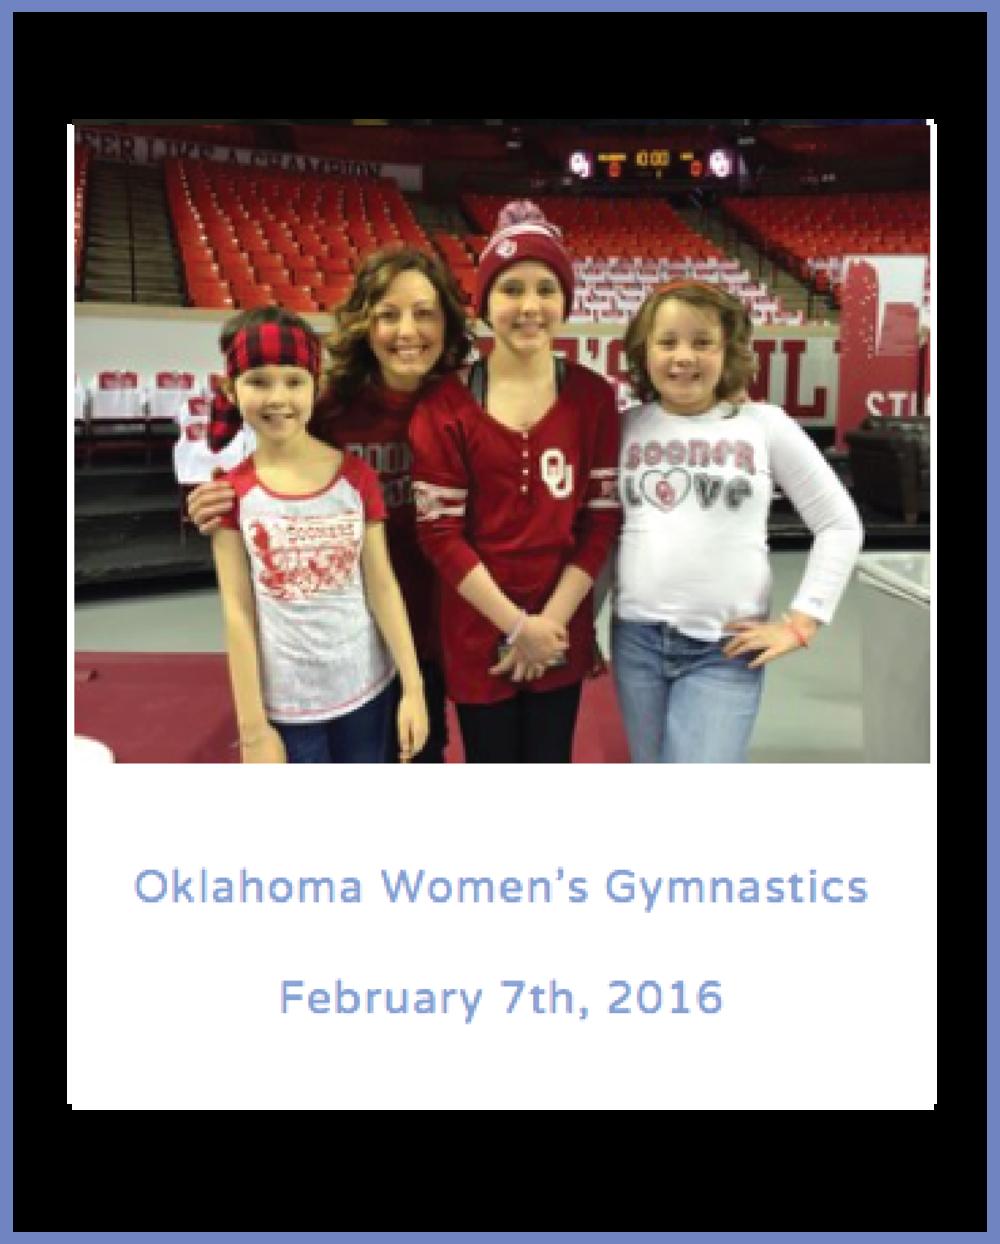 Oklahoma Women's Gymnastics             February 7th,2016